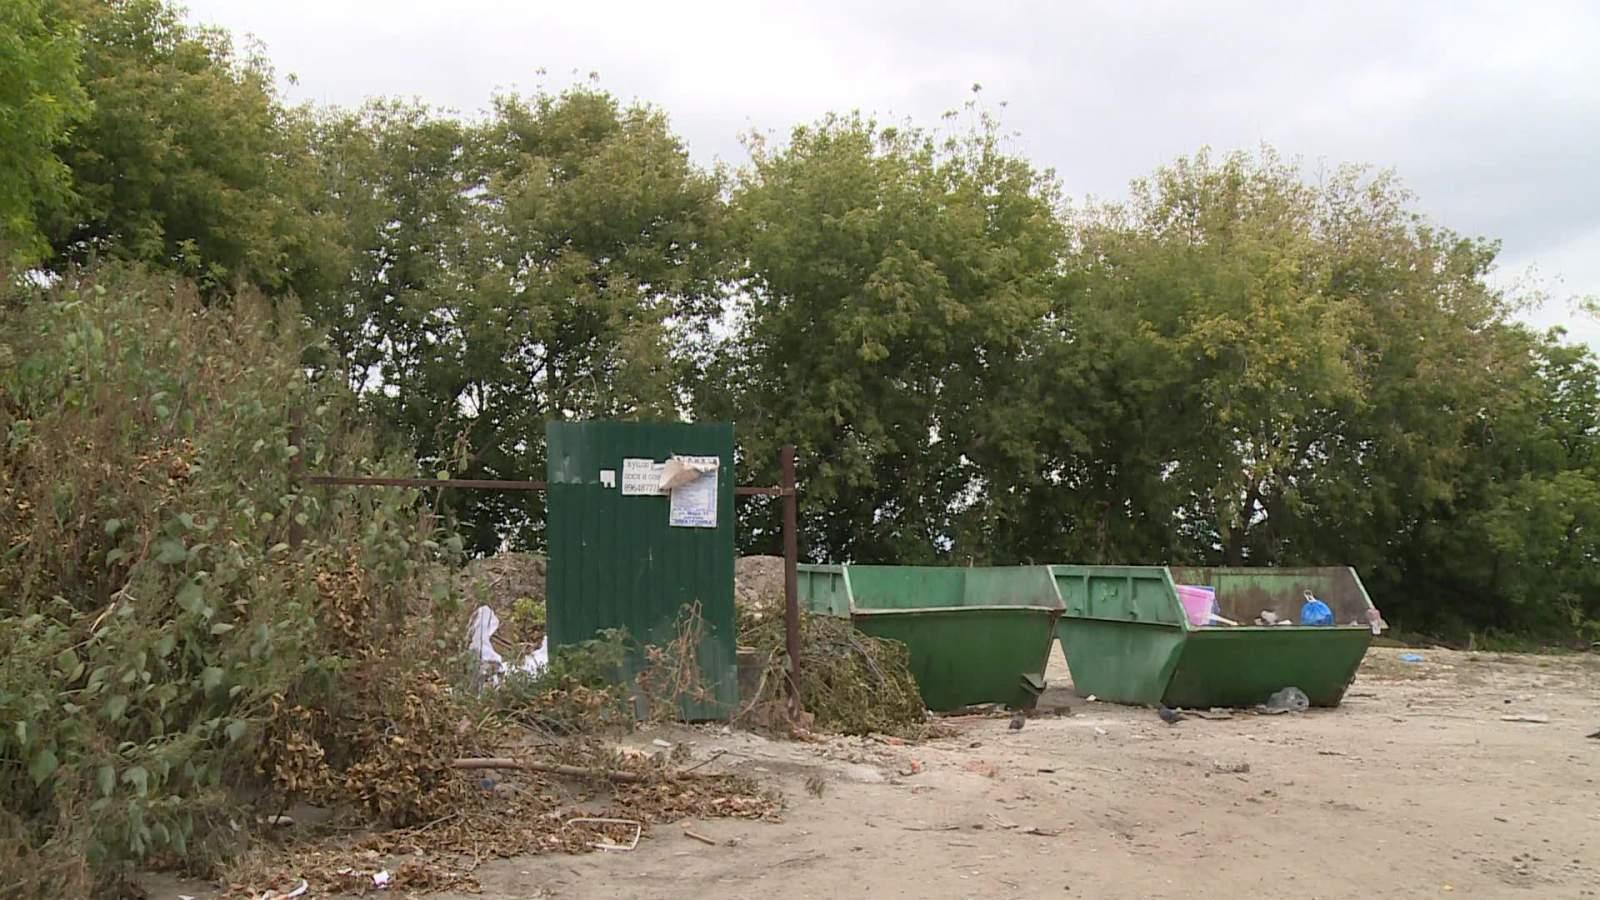 Нужно ли платить за вывоз мусора в частном доме